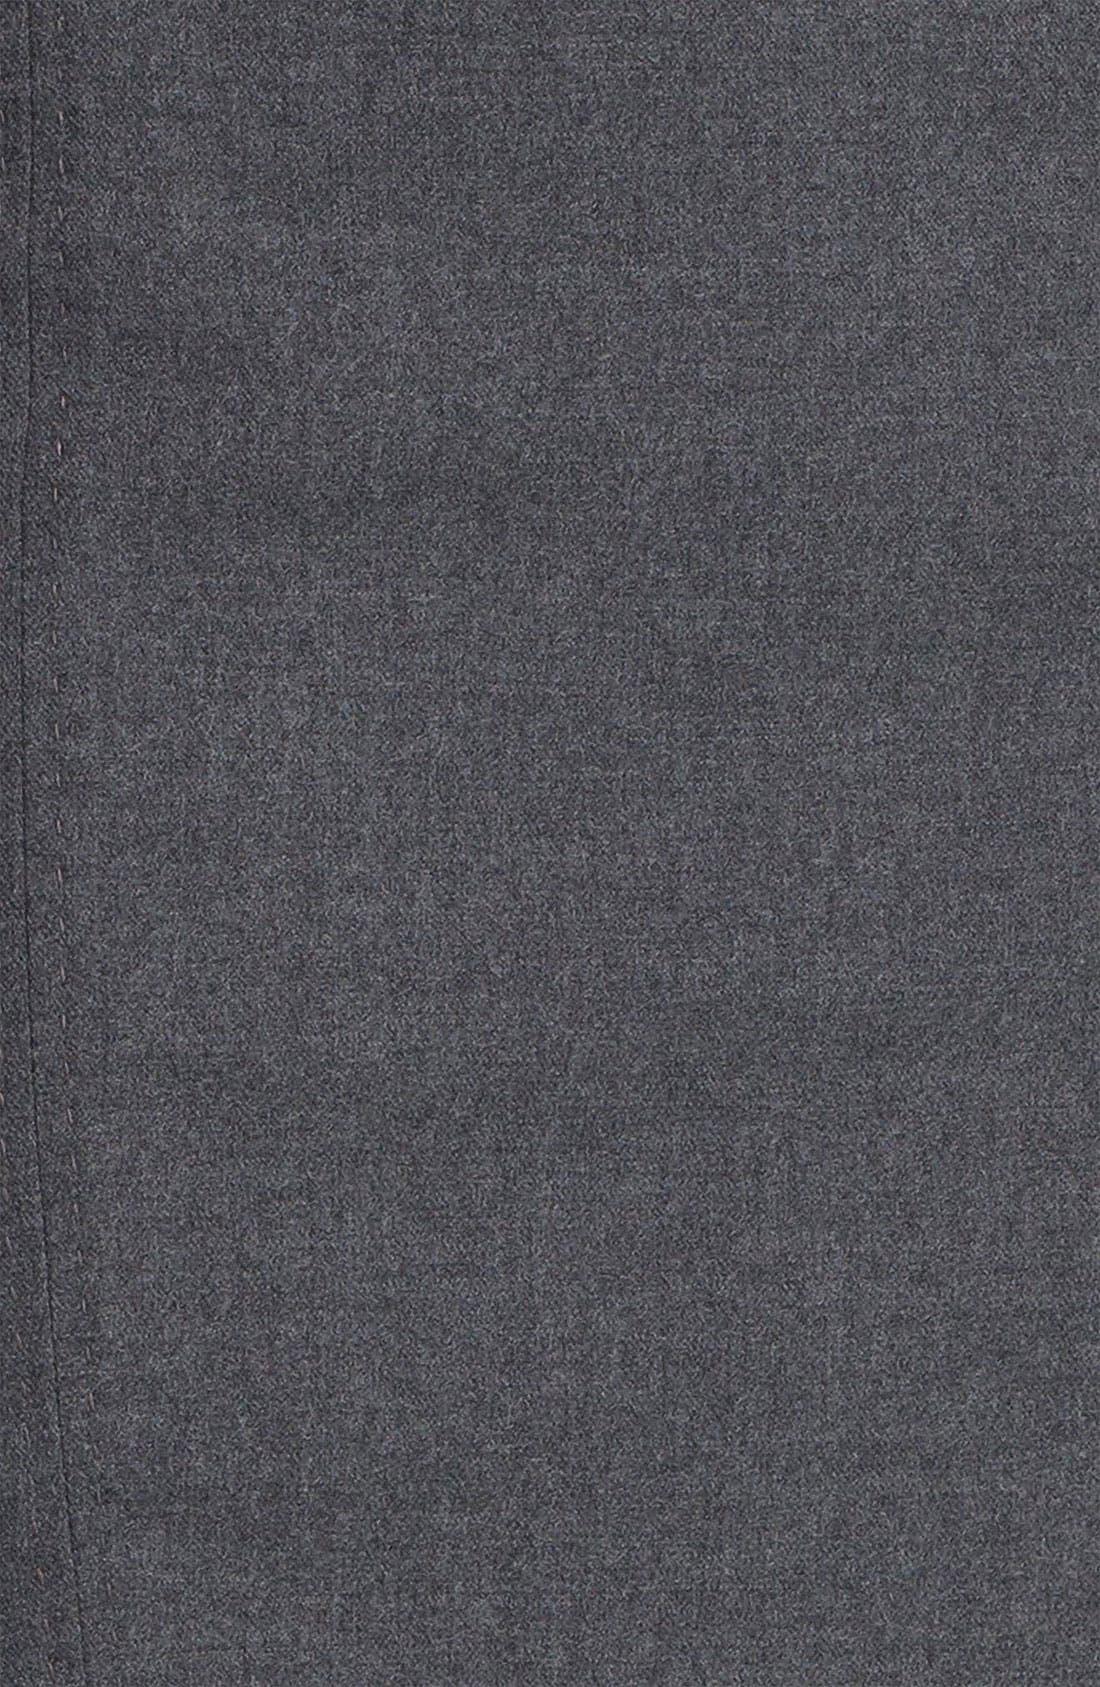 Alternate Image 3  - Ted Baker London 'Neyoas' Skirt